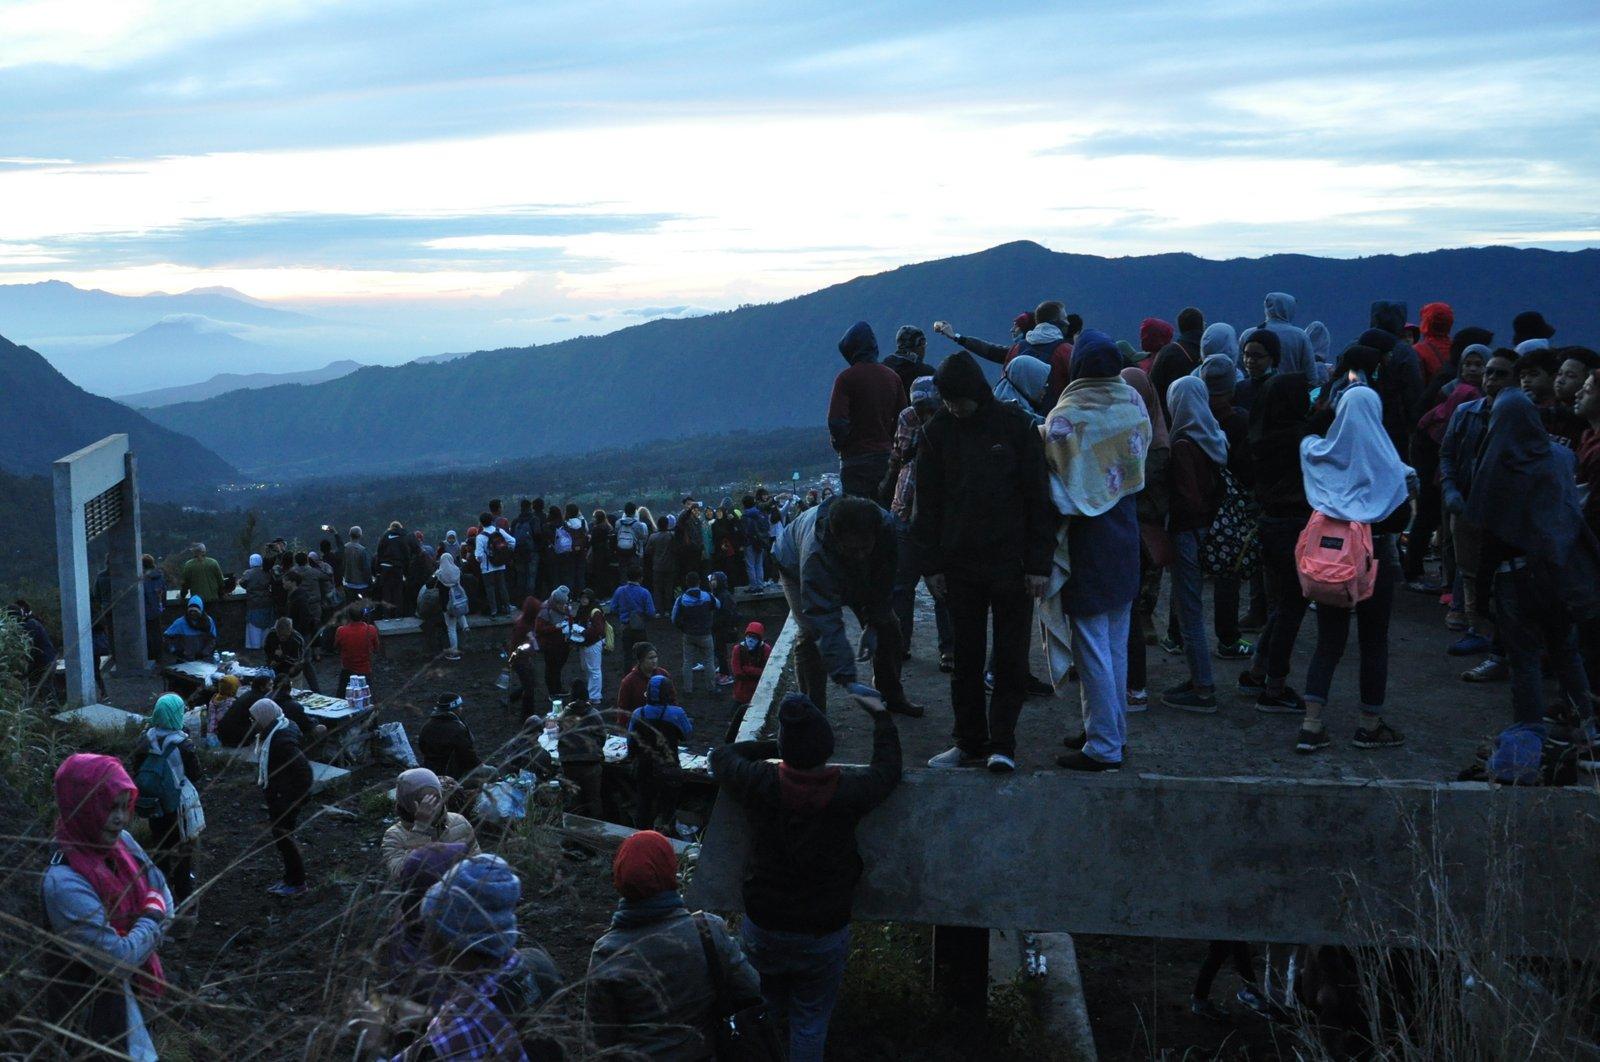 Muchas personas para presenciar el amanecer en el Monte Bromo